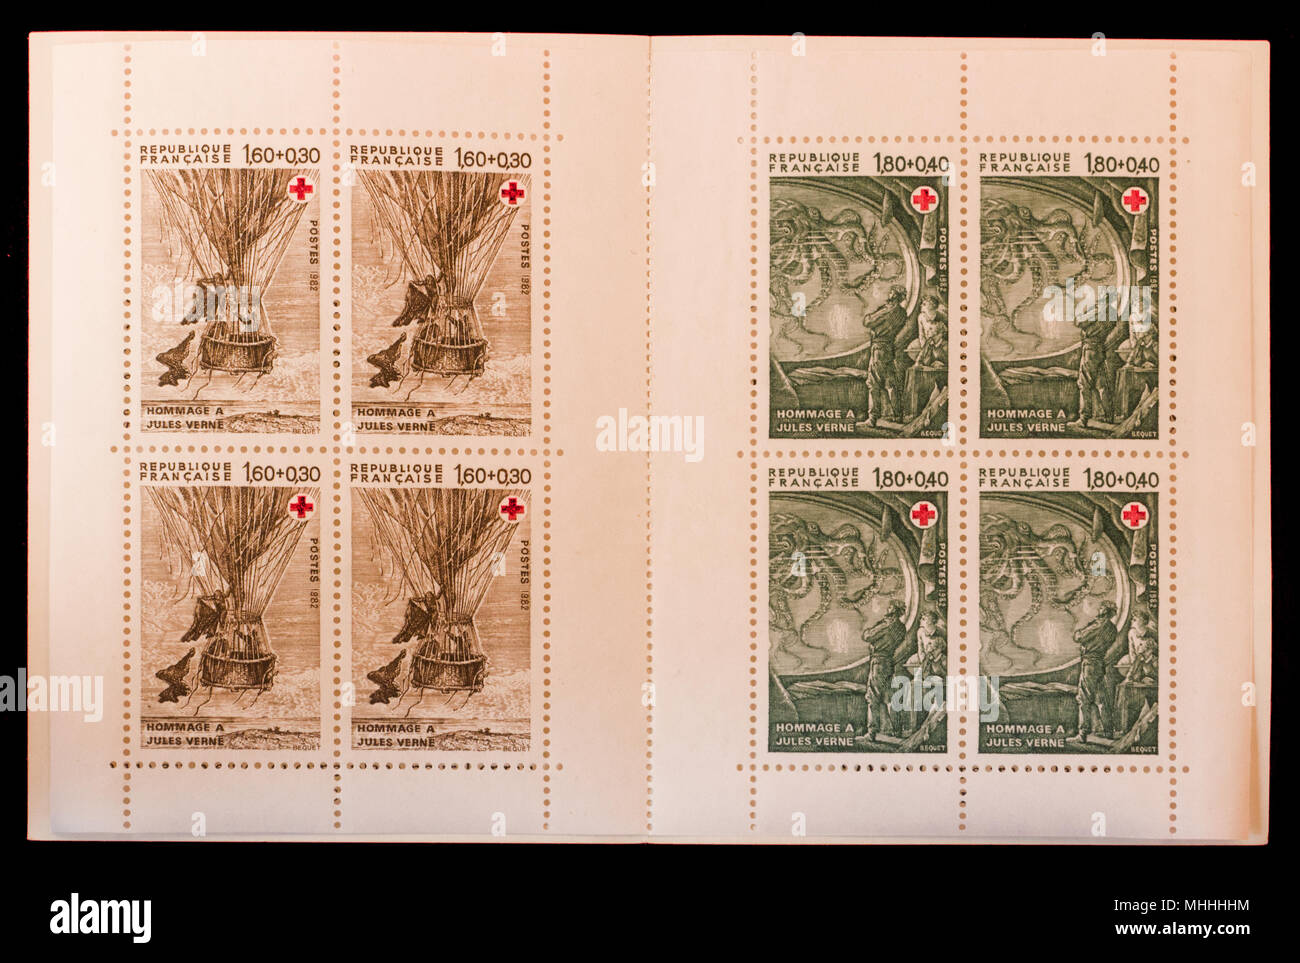 Serie de sellos emitidos por las oficinas de correos francés, homenaje al escritor Julio Verne, año 1982 Imagen De Stock